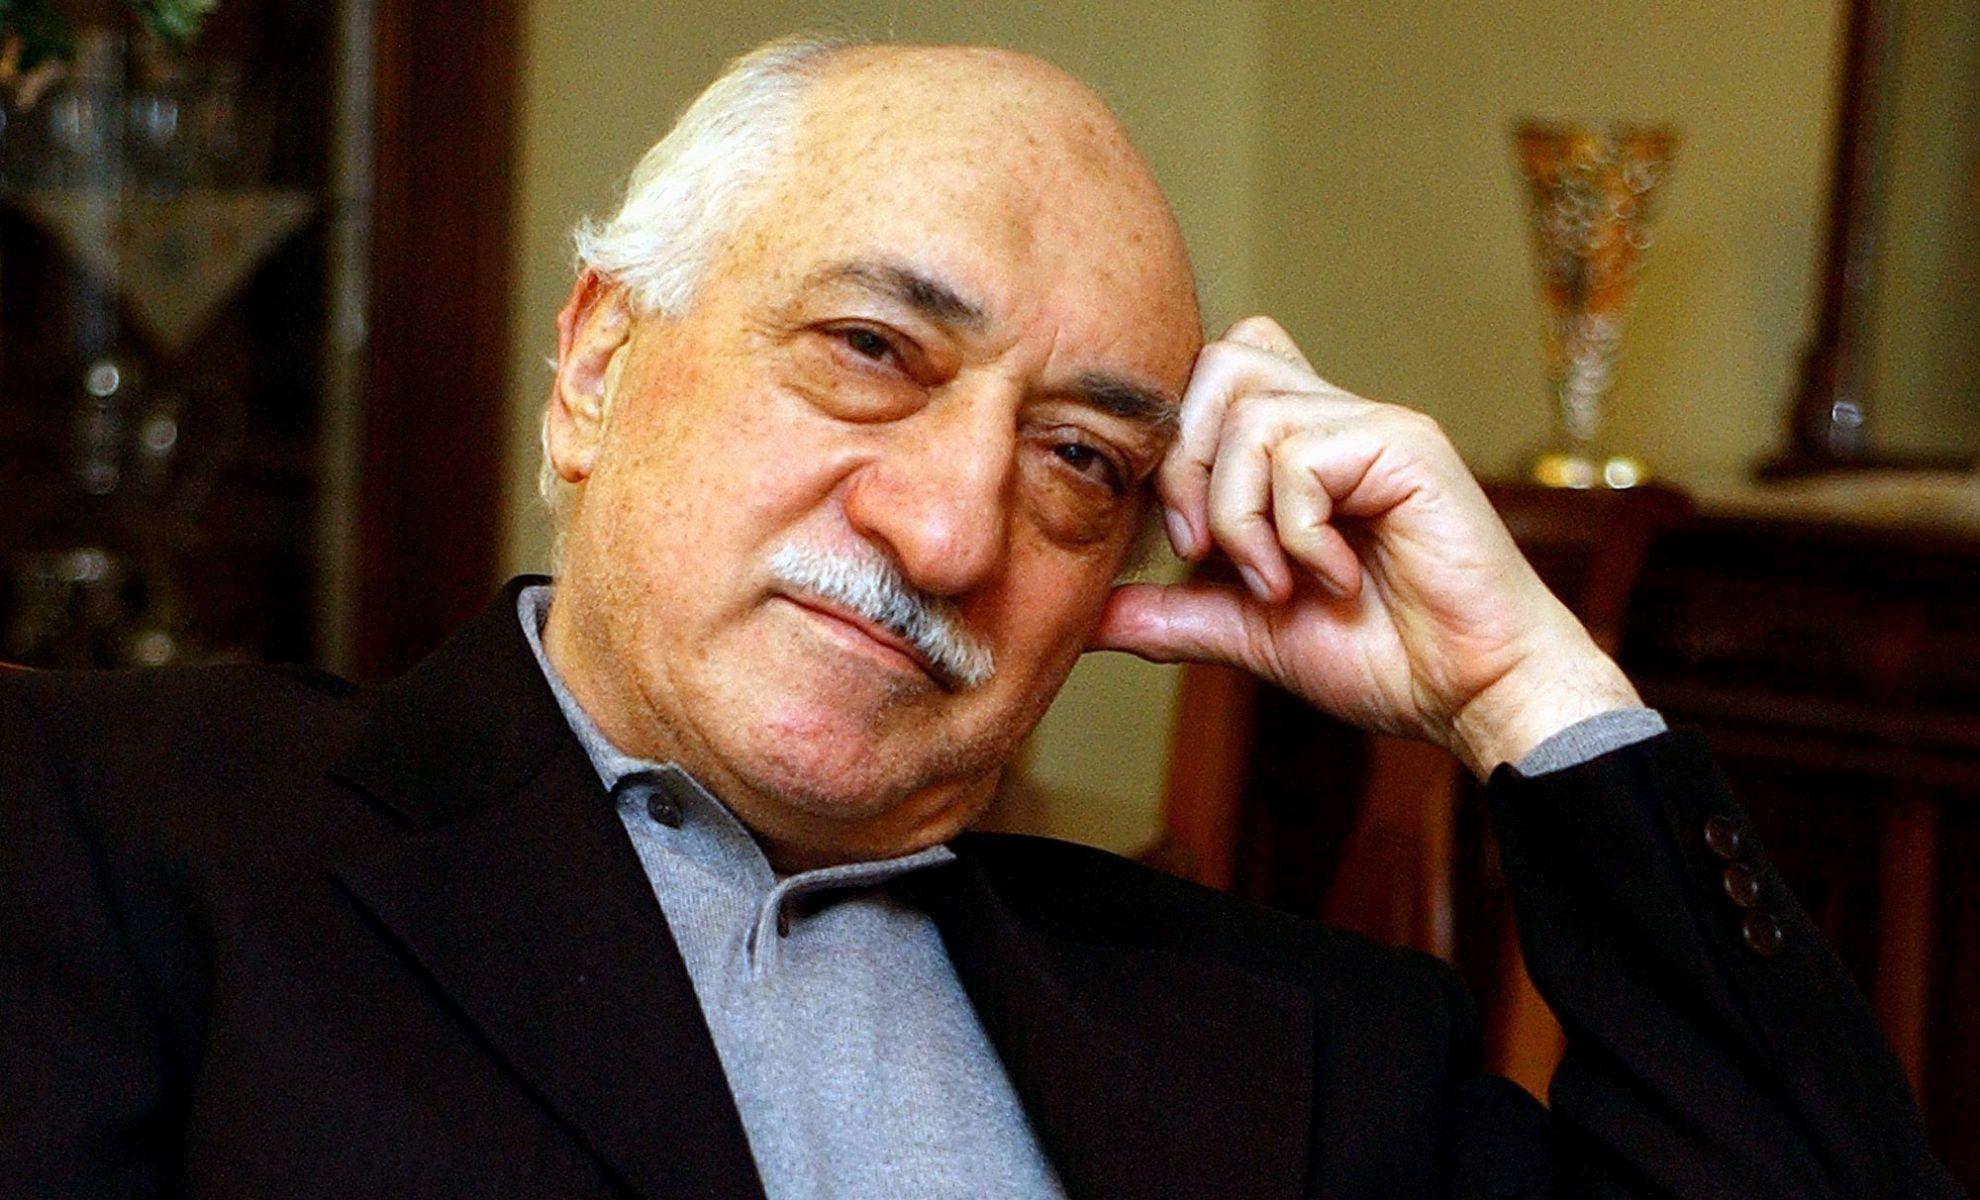 Turska otvorila istragu protiv američkog senatora i niza dužnosnika